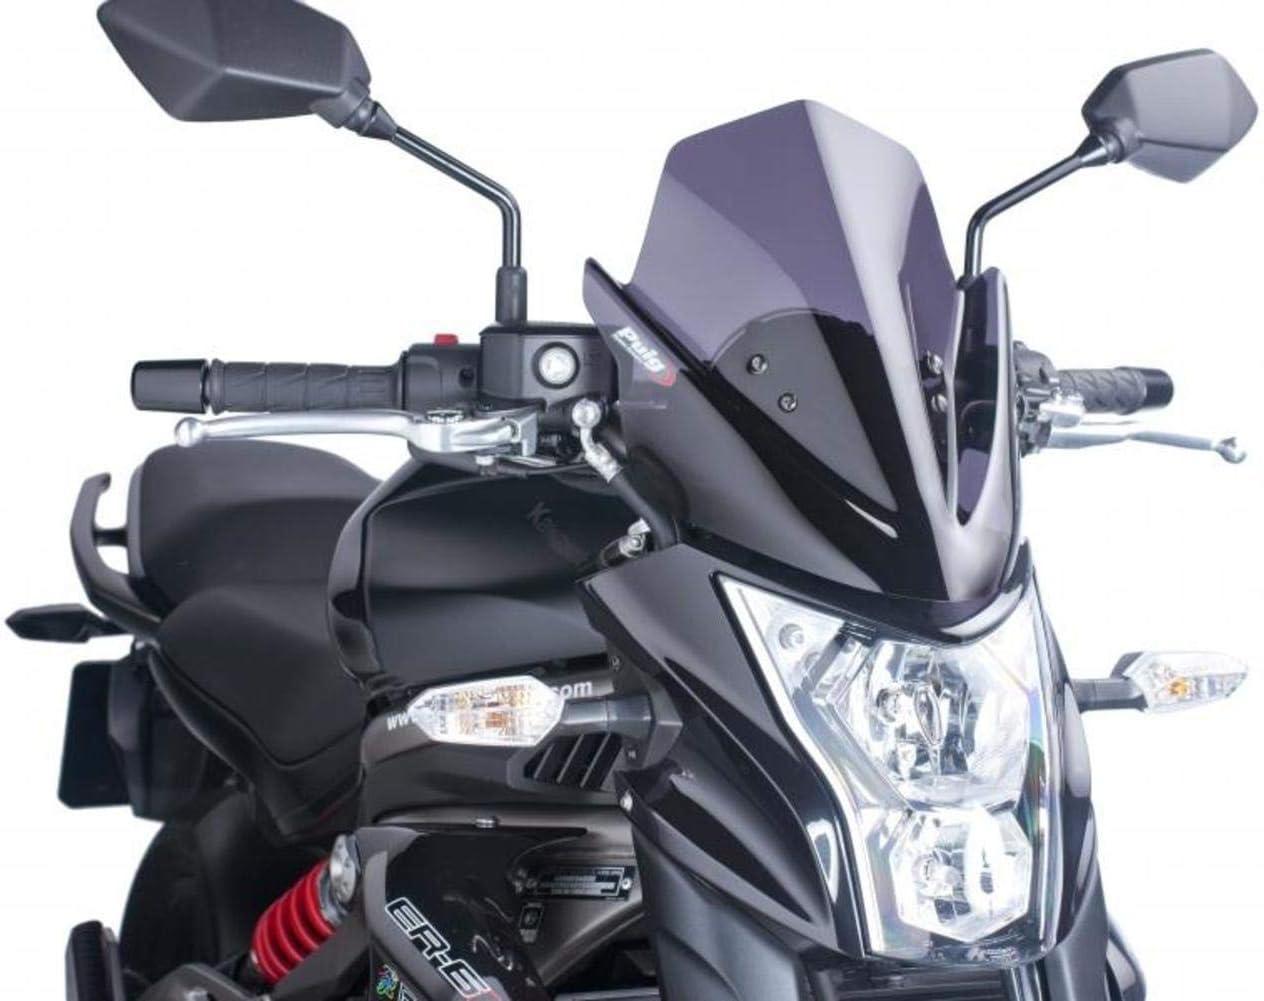 Taille M 2014 fum/é fonc/é Puig 5997/F Pare-Brise pour Kawasaki ER-6/N 2012